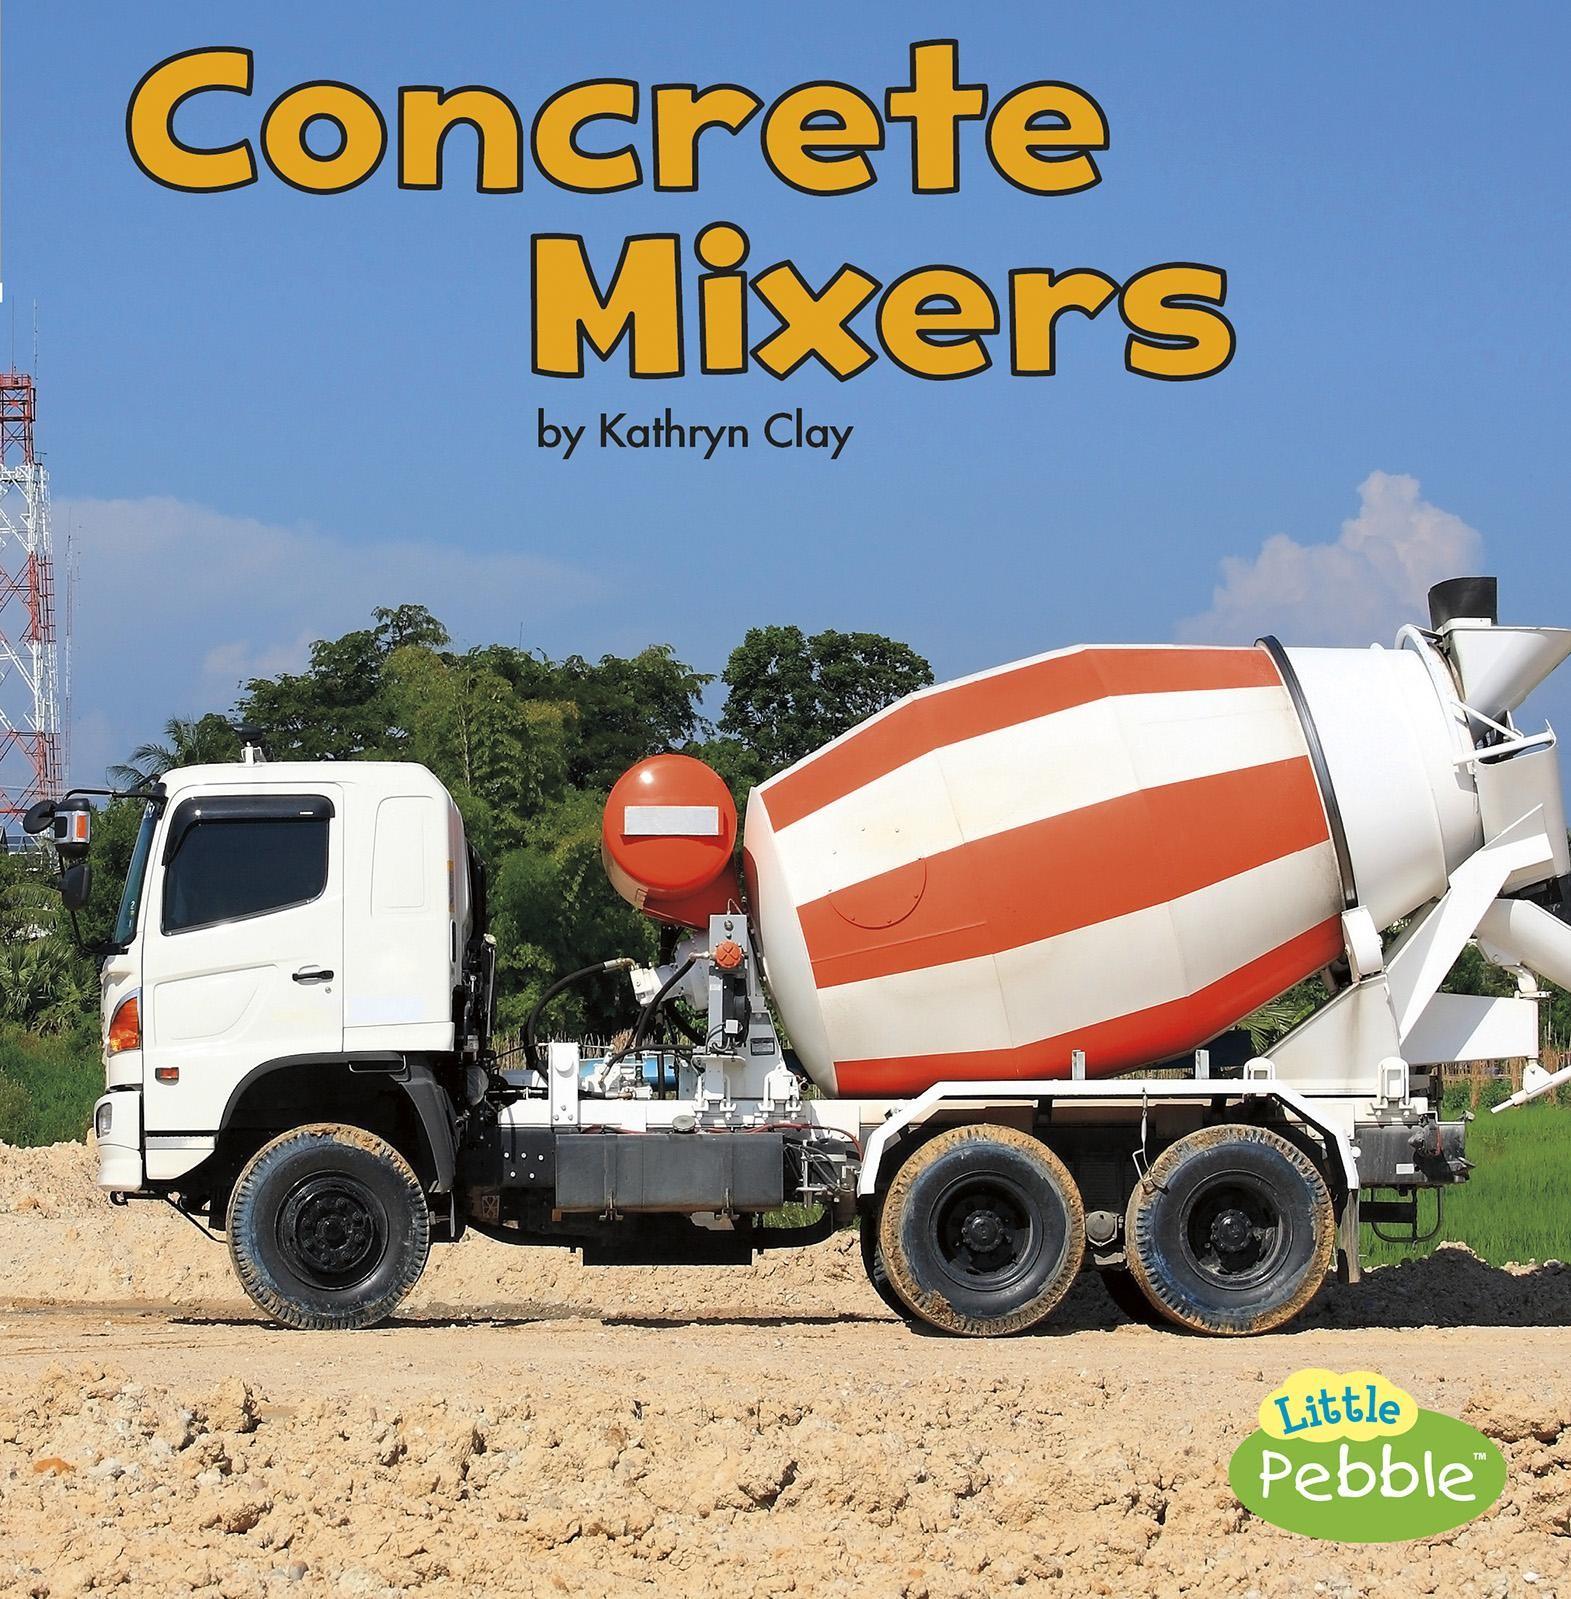 Concrete Mixers by Capstone